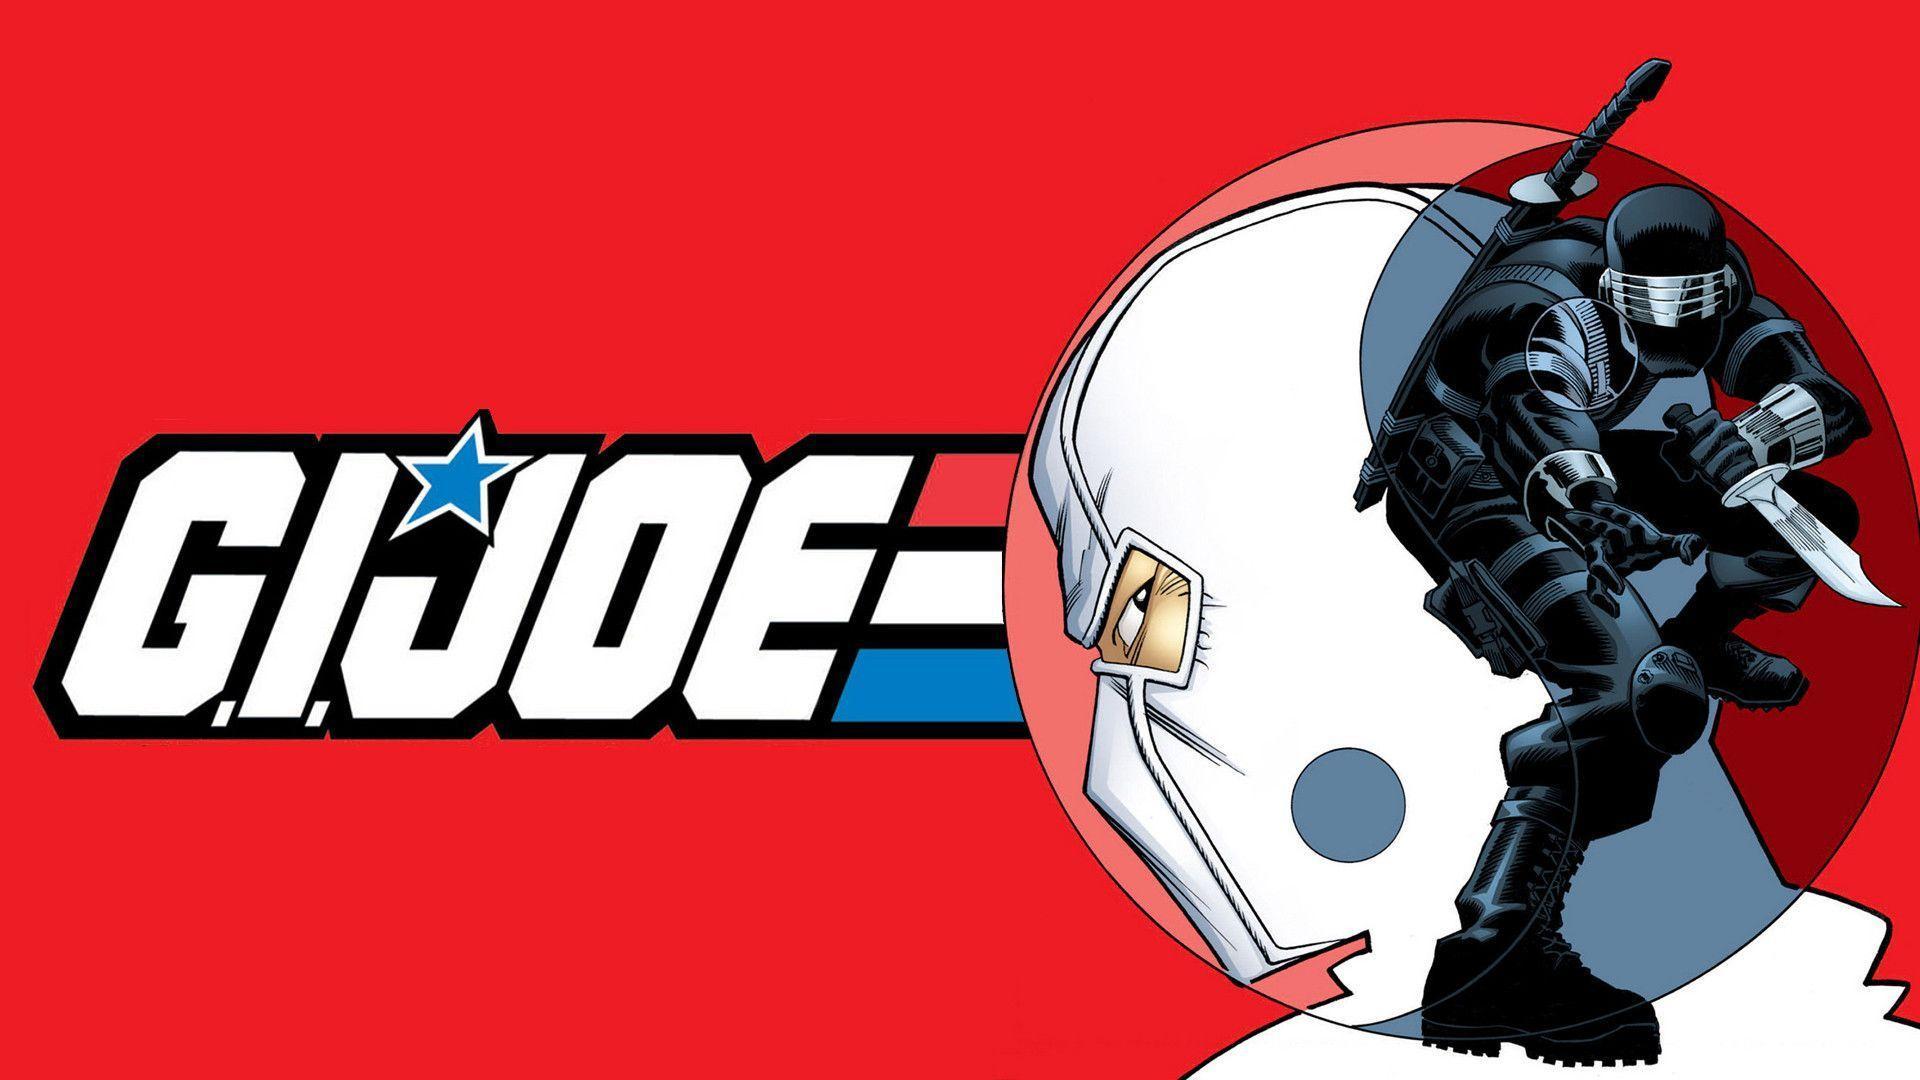 gi joe wallpaper logo - photo #25